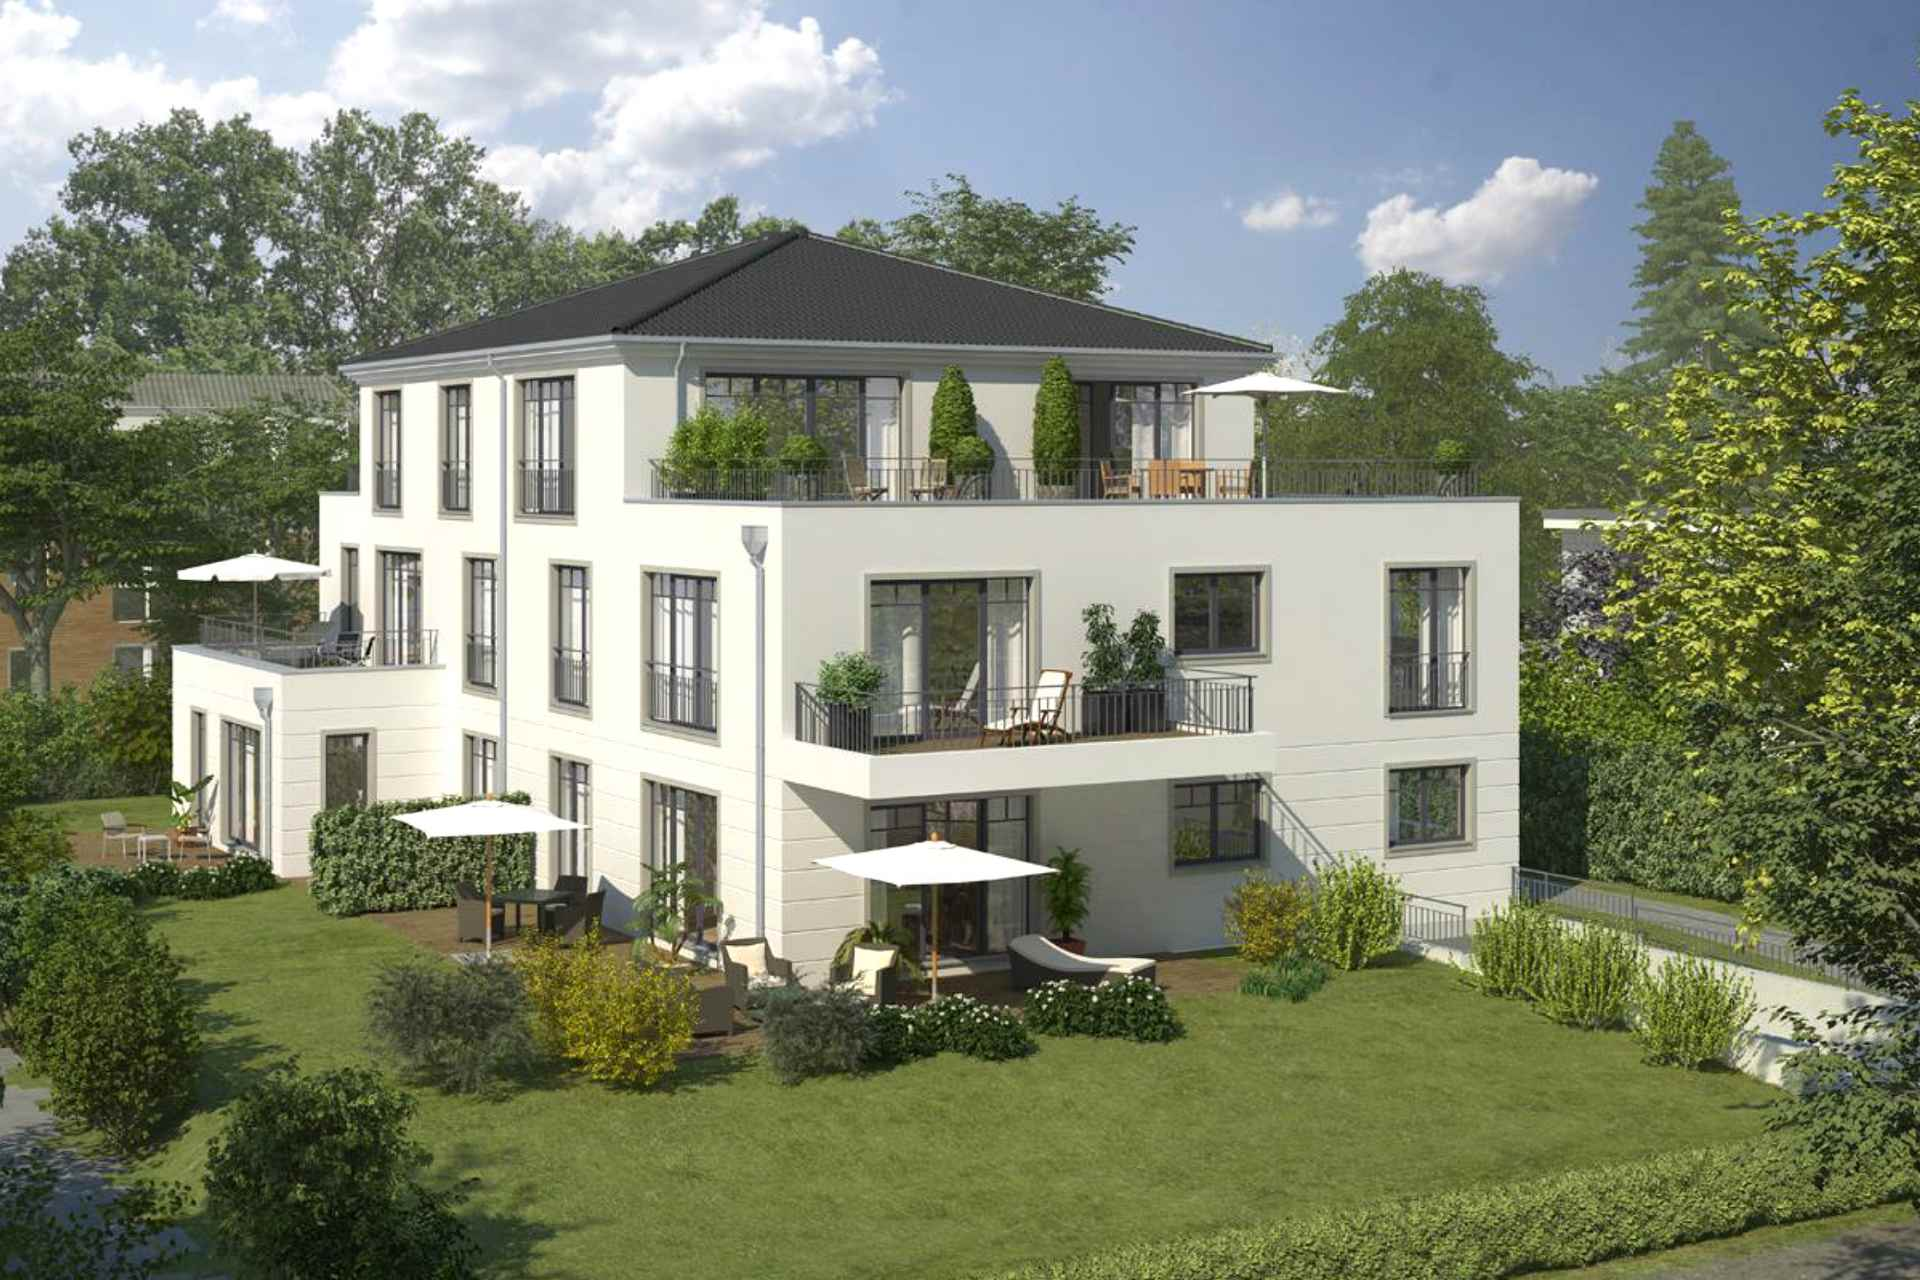 LUC (Wohnbauten) Krampengrund Wohnen (+)